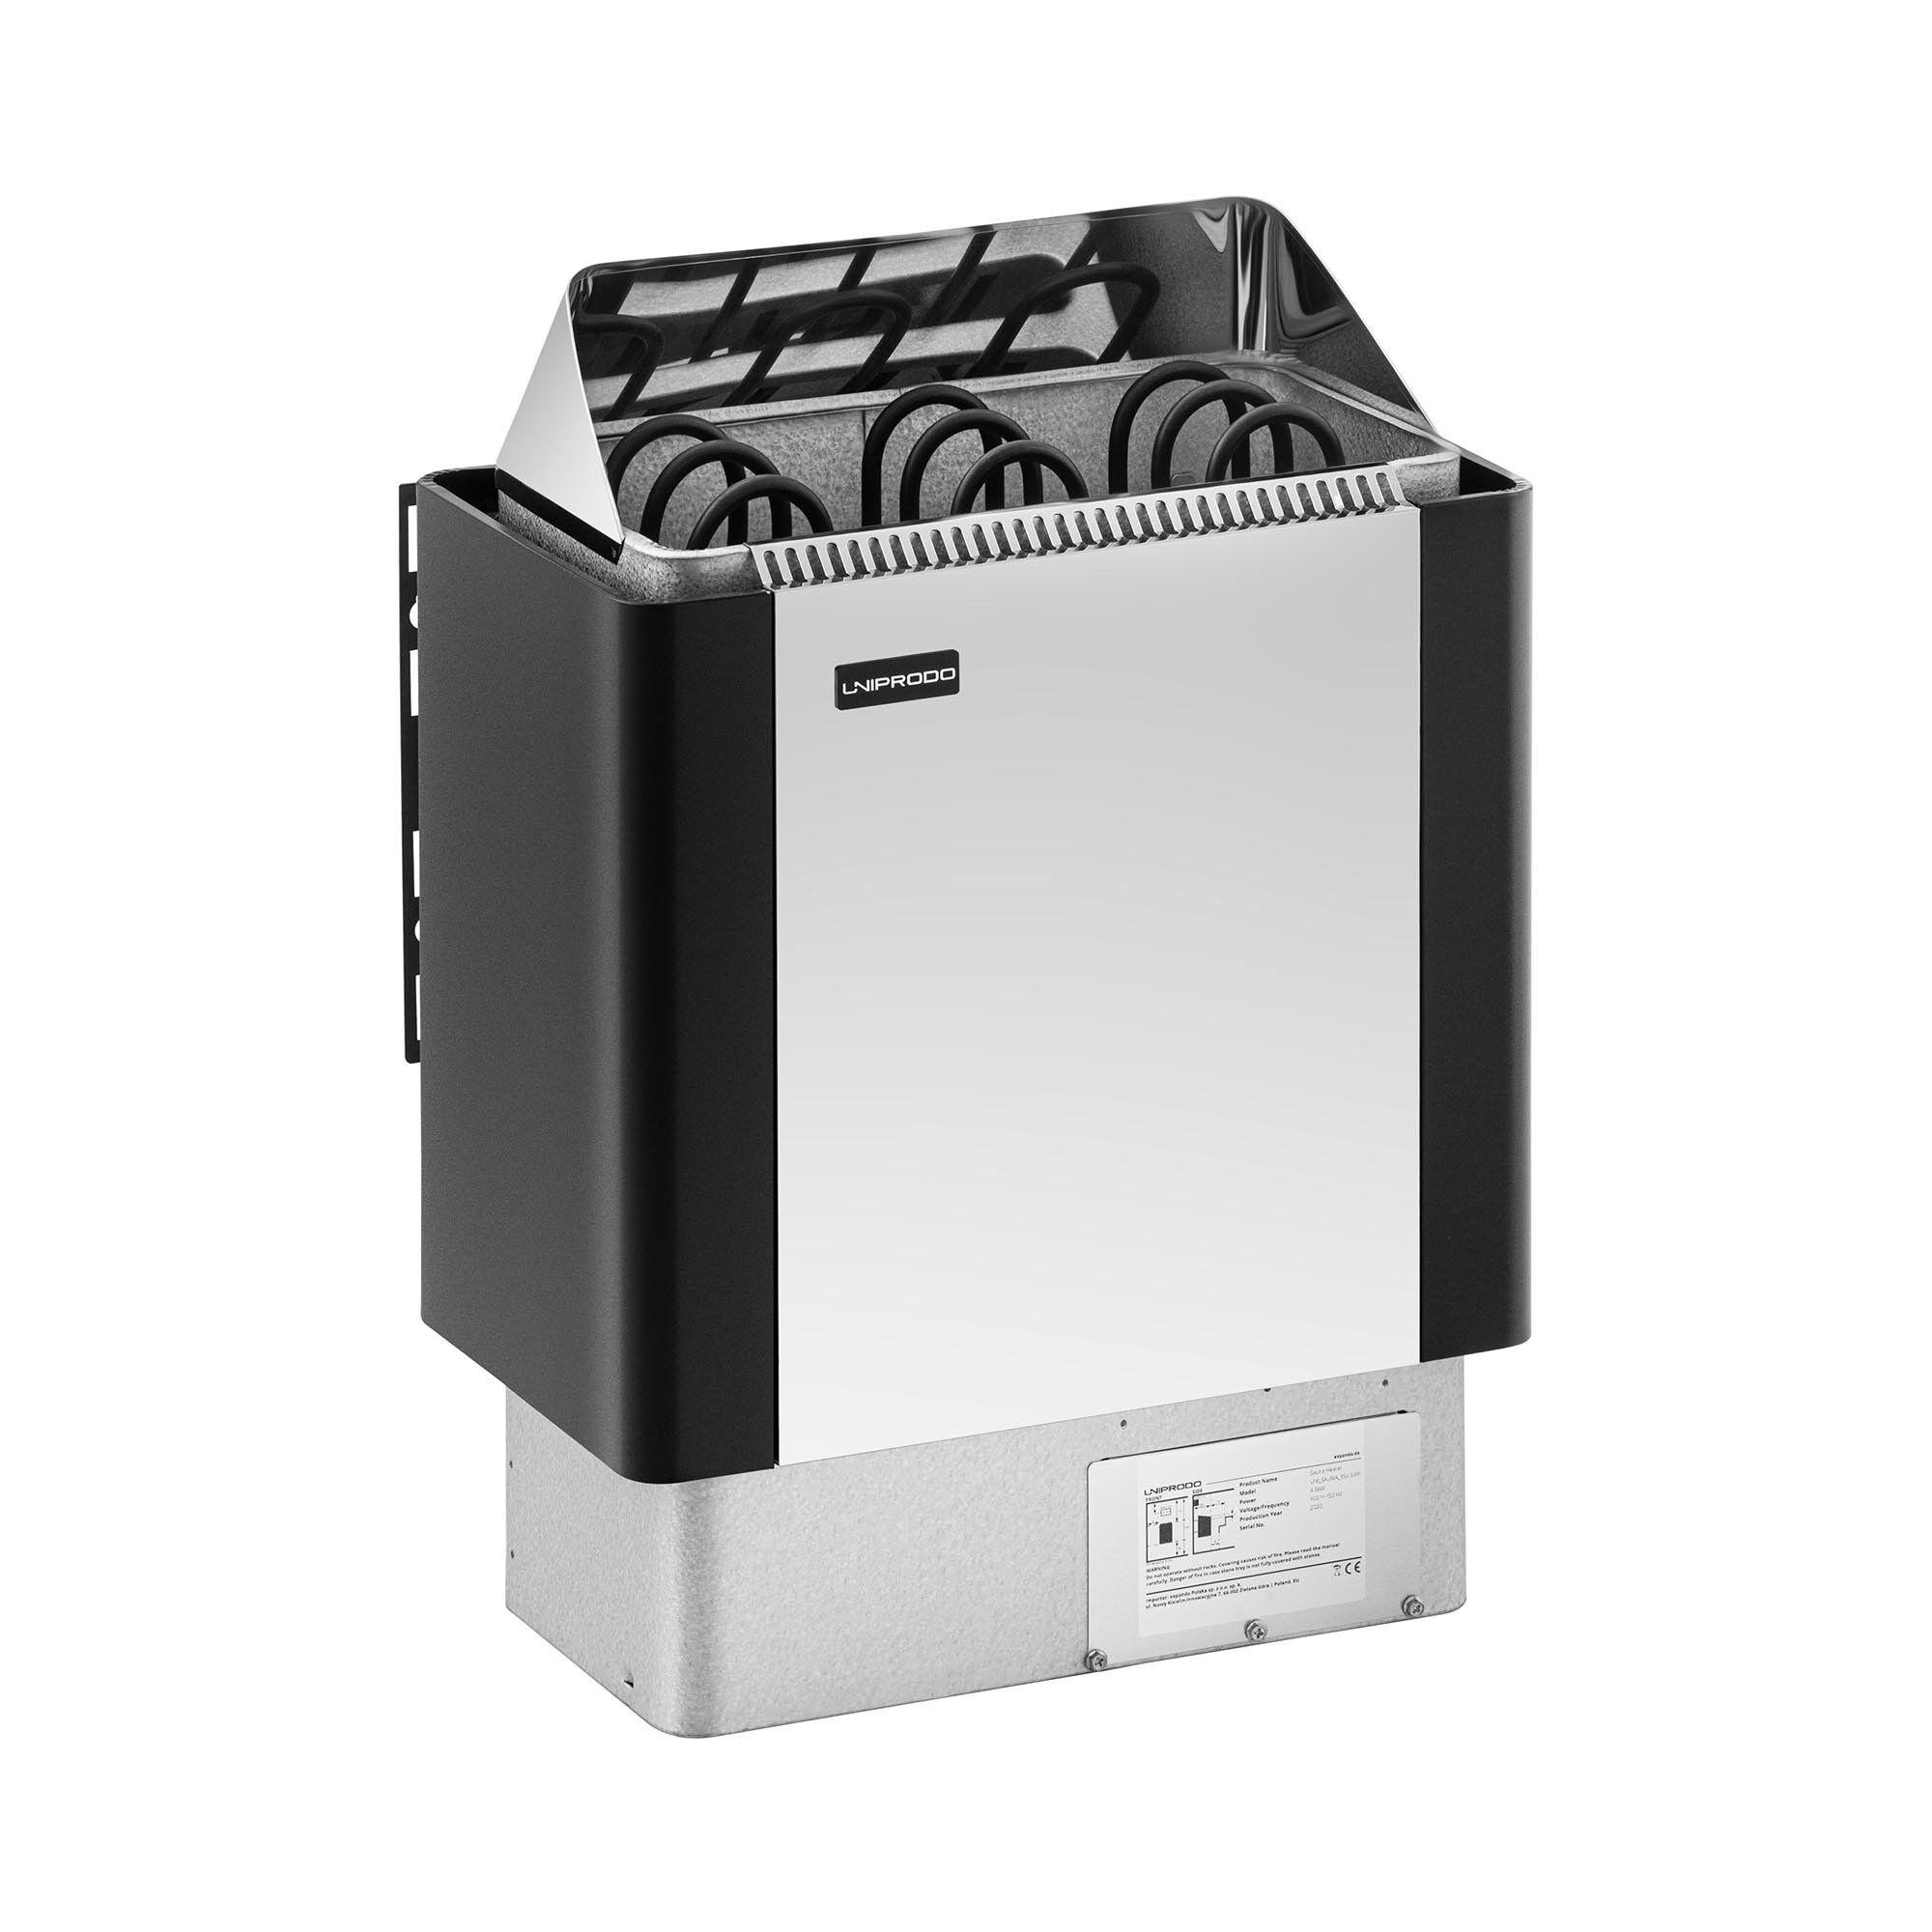 Uniprodo Saunaofen - 4,5 kW - 30 bis 110 °C - Edelstahlblende UNI_SAUNA_BS4.5KW